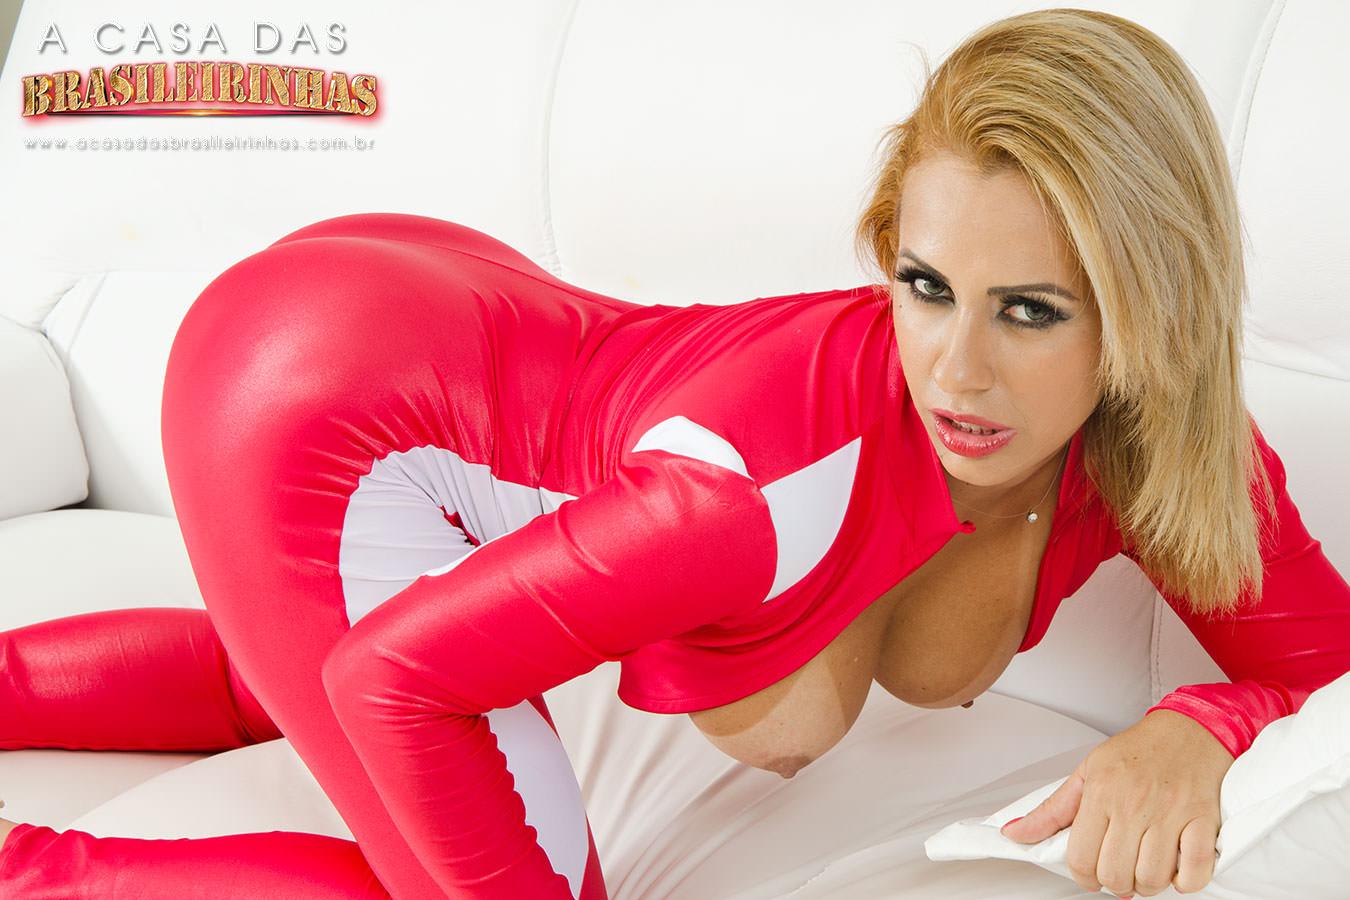 Nicolle-Bittencourt-loira-gostosa-mostrando-os-peitos.jpg